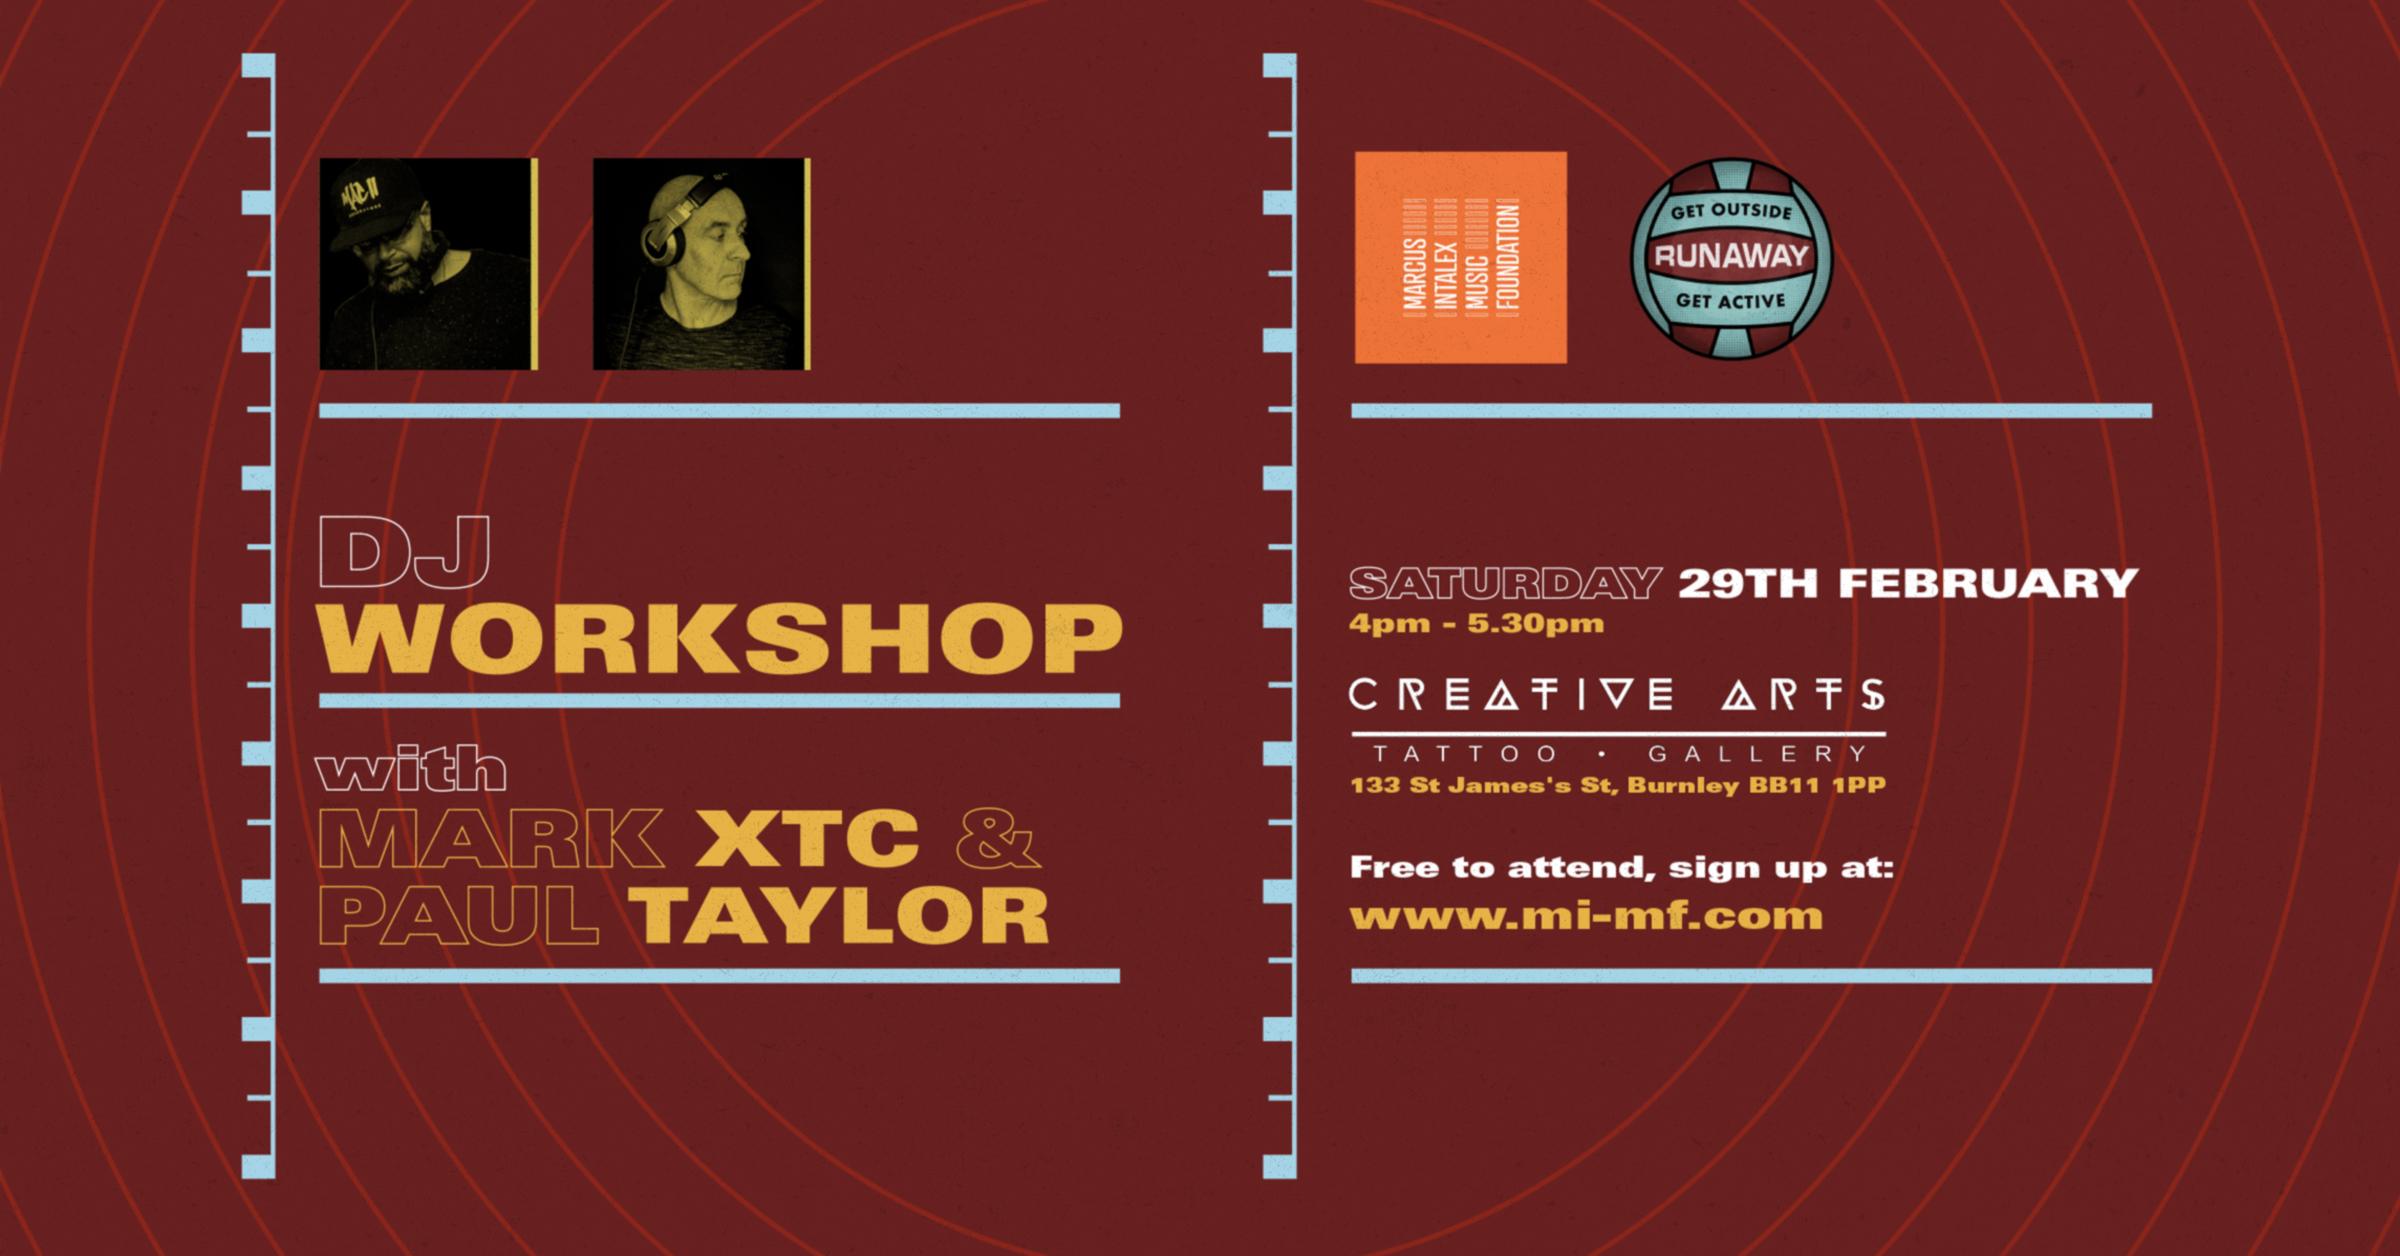 DJ Workshop Flyer